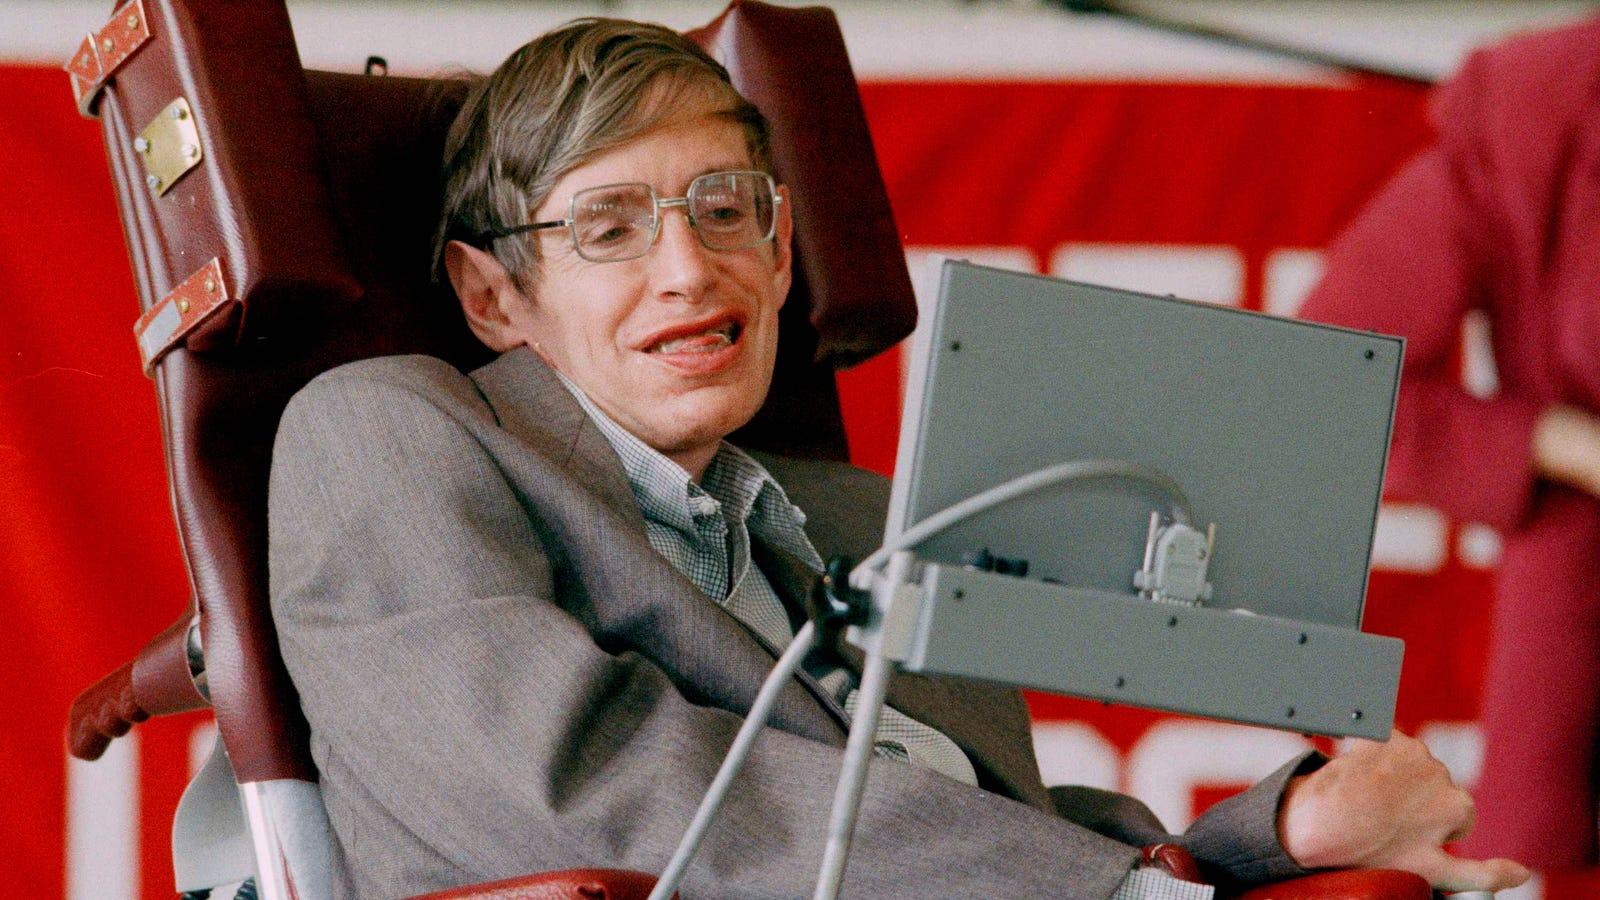 El célebre físico Stephen Hawking ha muerto a los 76 años